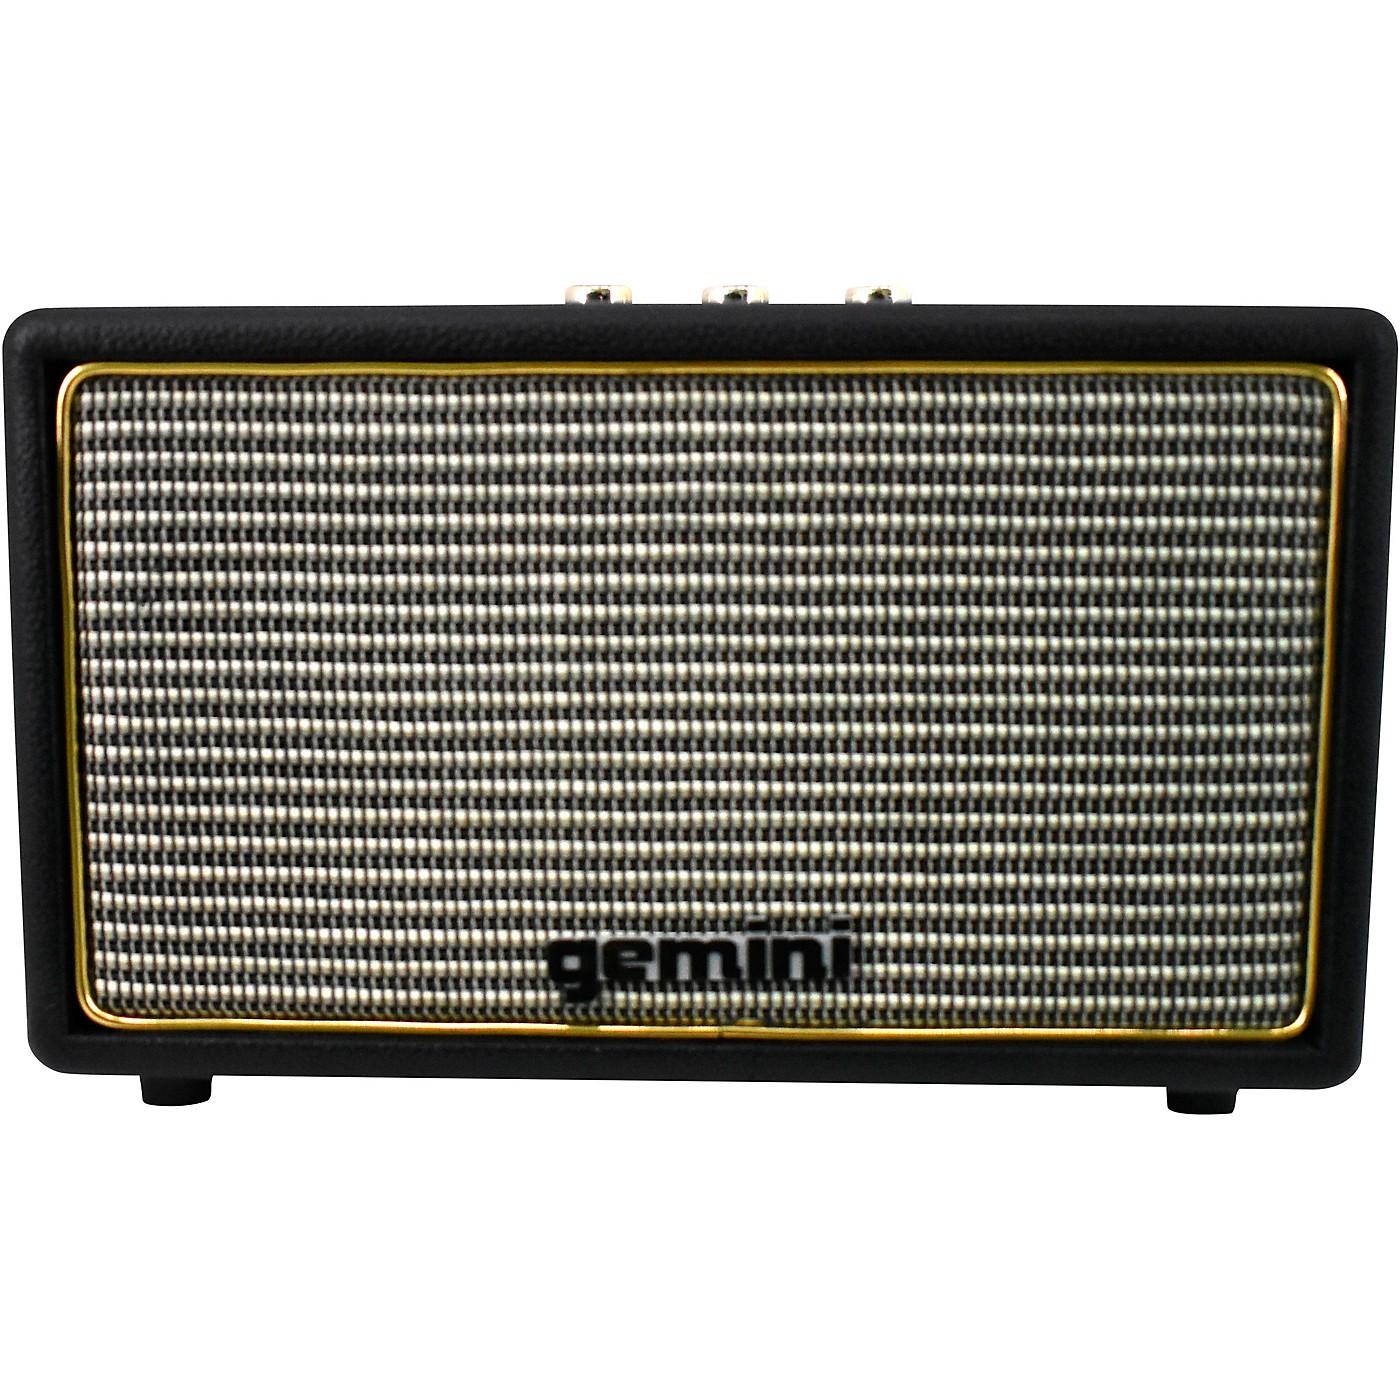 Gemini GTR-200 Bluetooth Stereo Speaker thumbnail